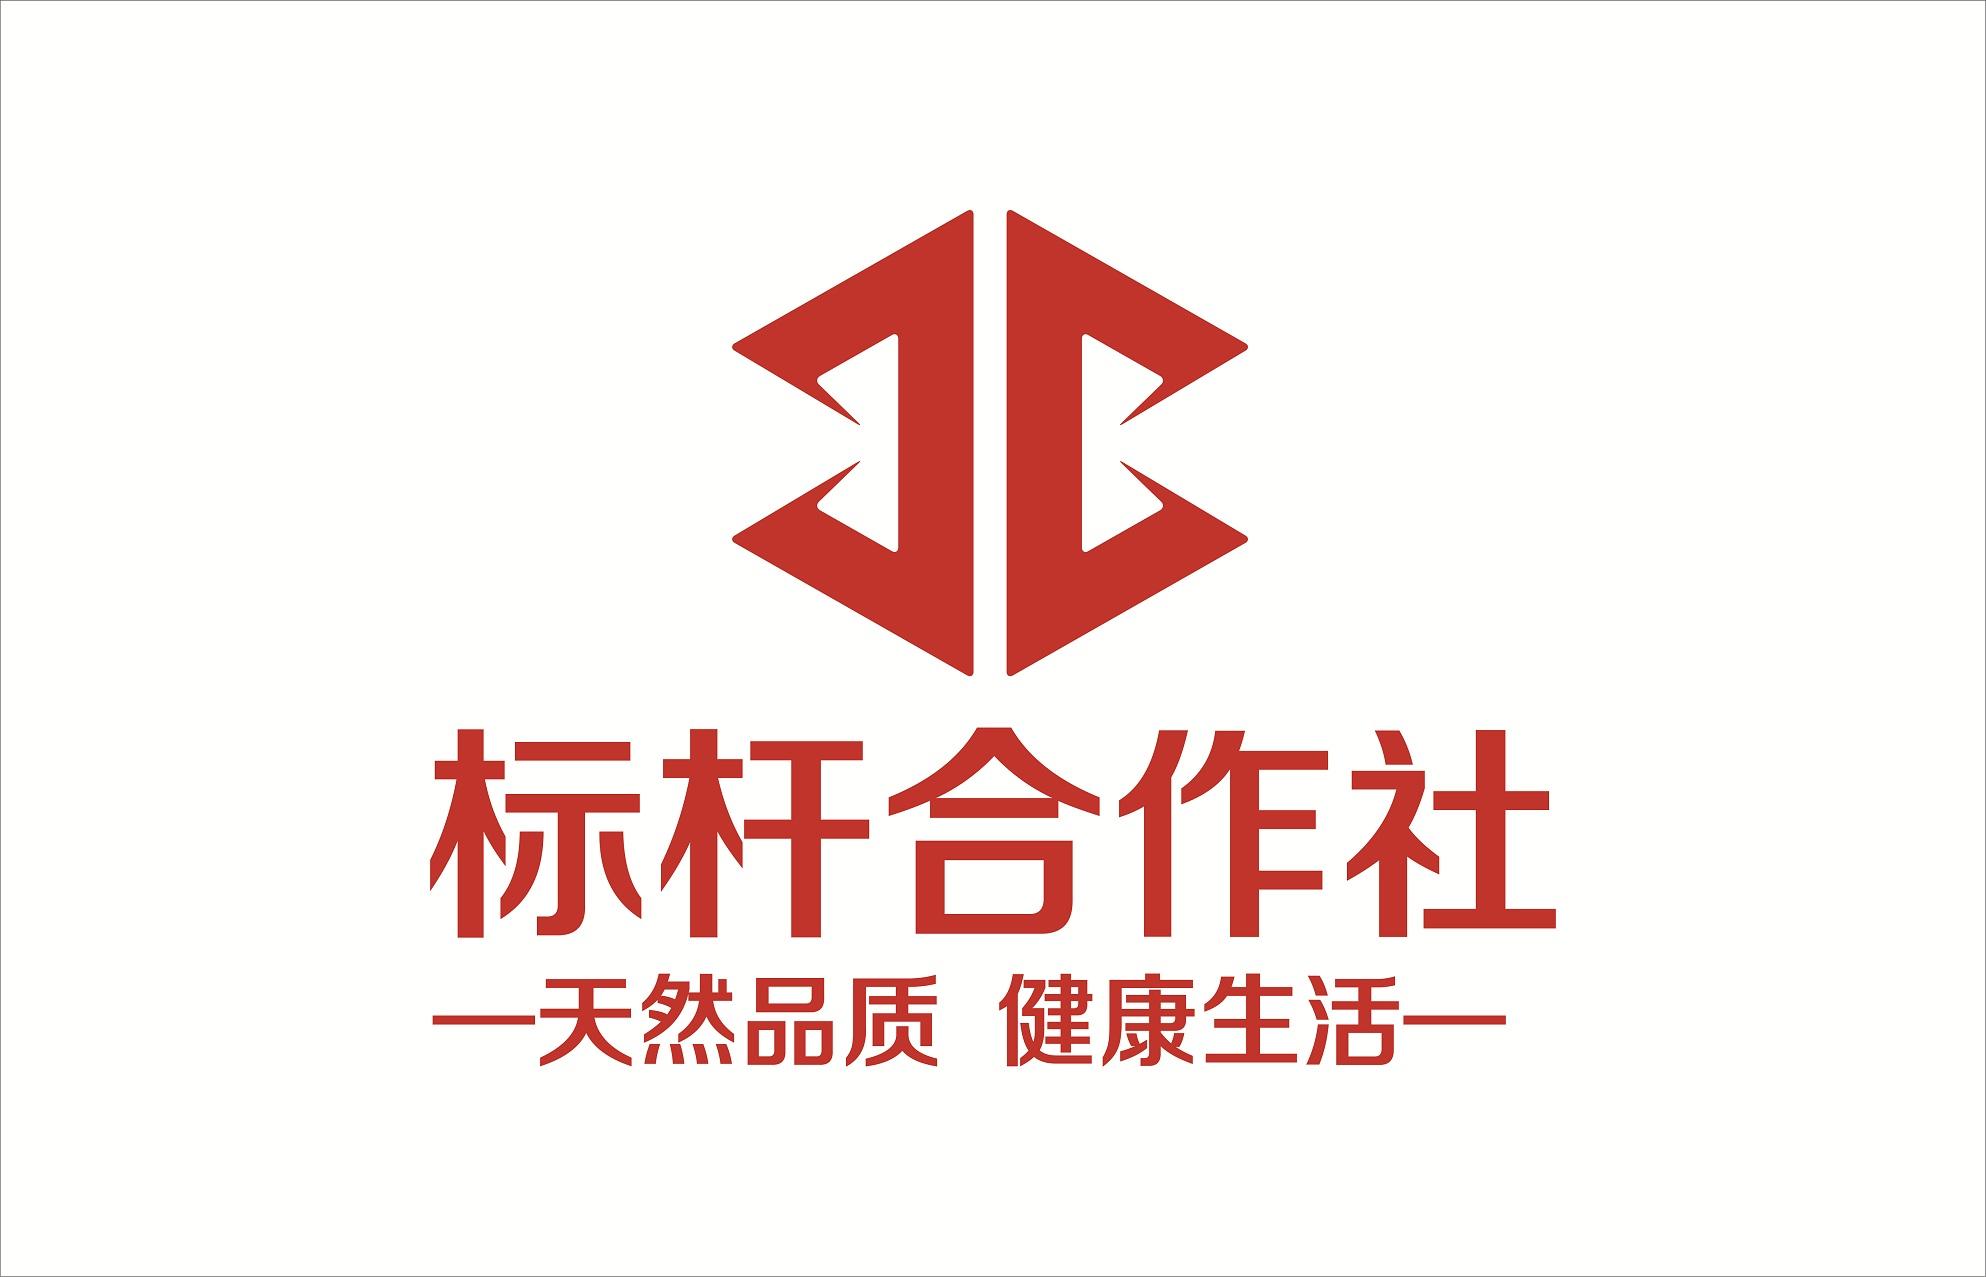 重庆市长寿区标杆养鸡股份合作社